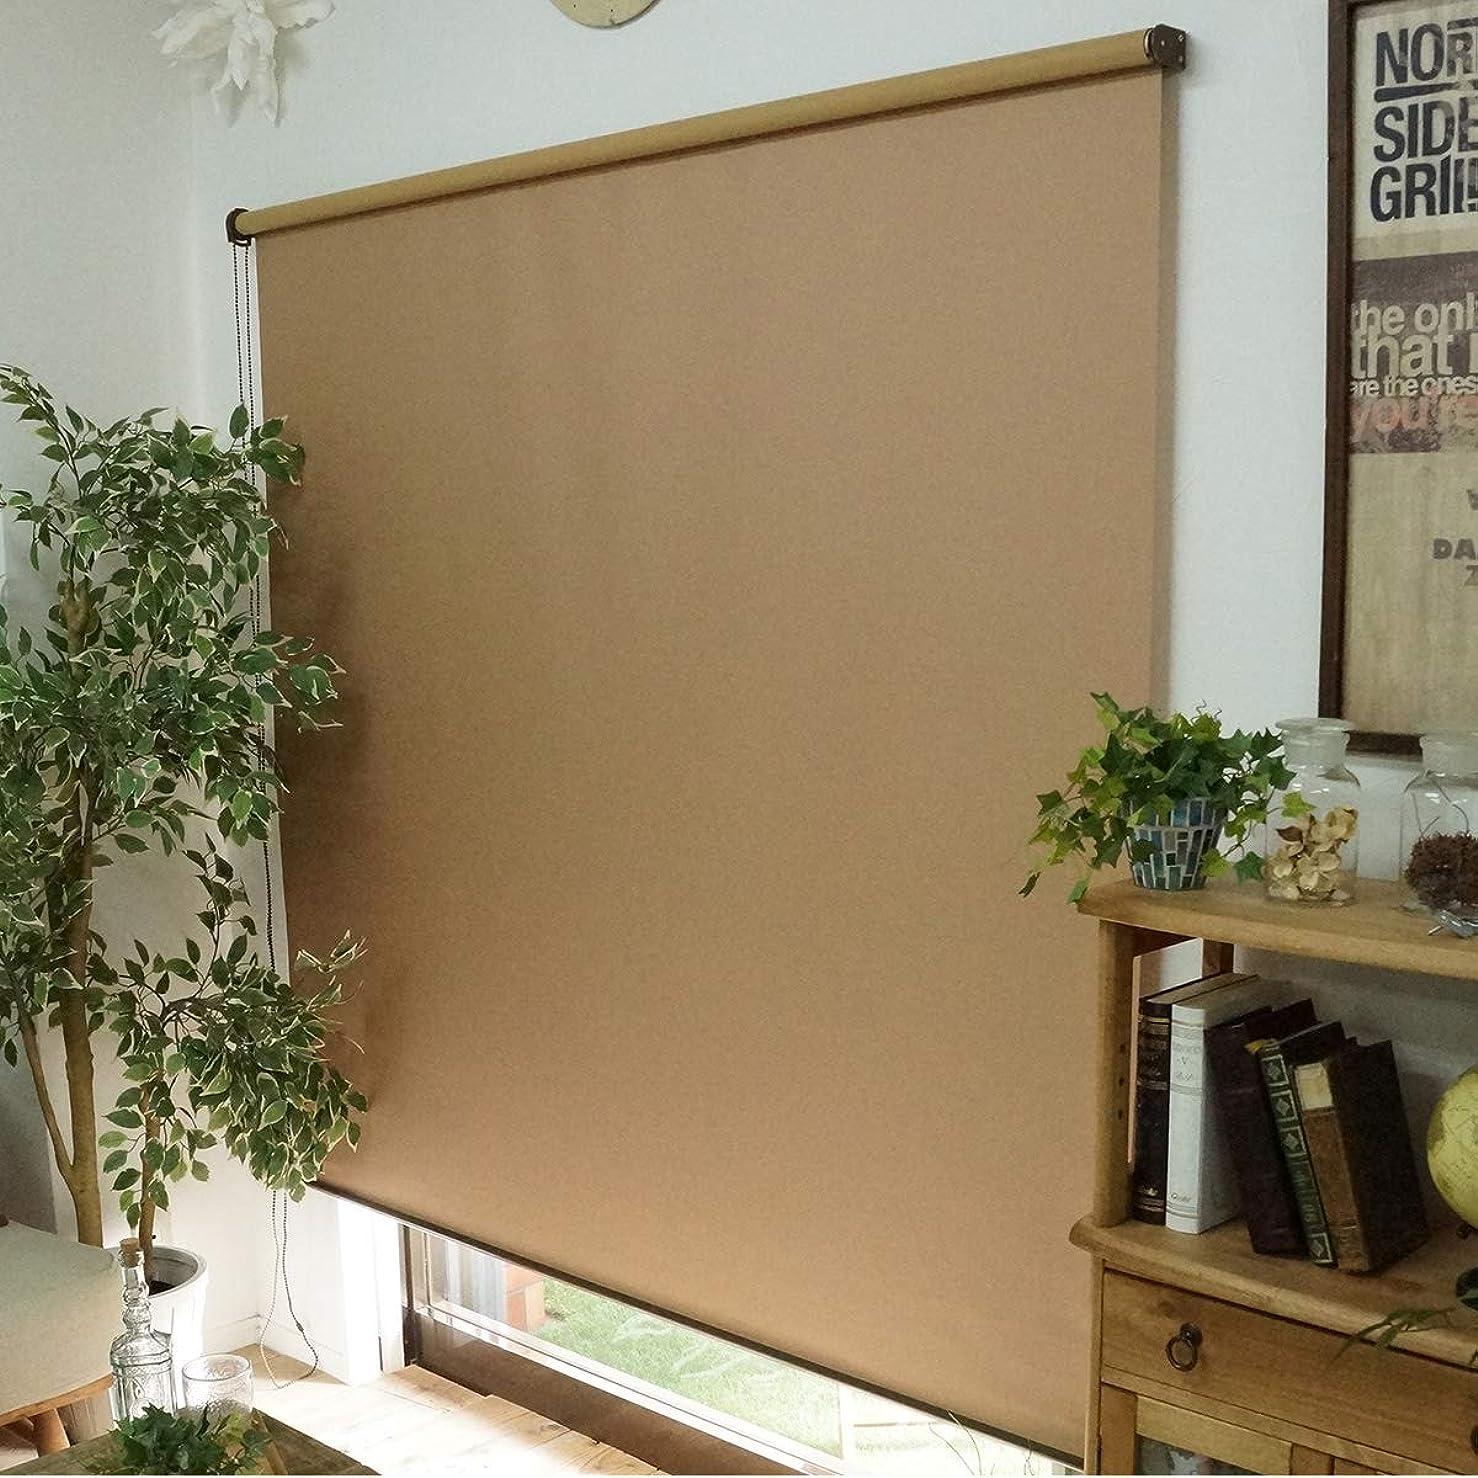 作り上げる急性慣習グラムスタイル 一級遮光+遮熱 ロールスクリーン 1cm単位 サイズ指定無料 (幅220cm 高さ250cm) ブラウン チェーン式 左操作